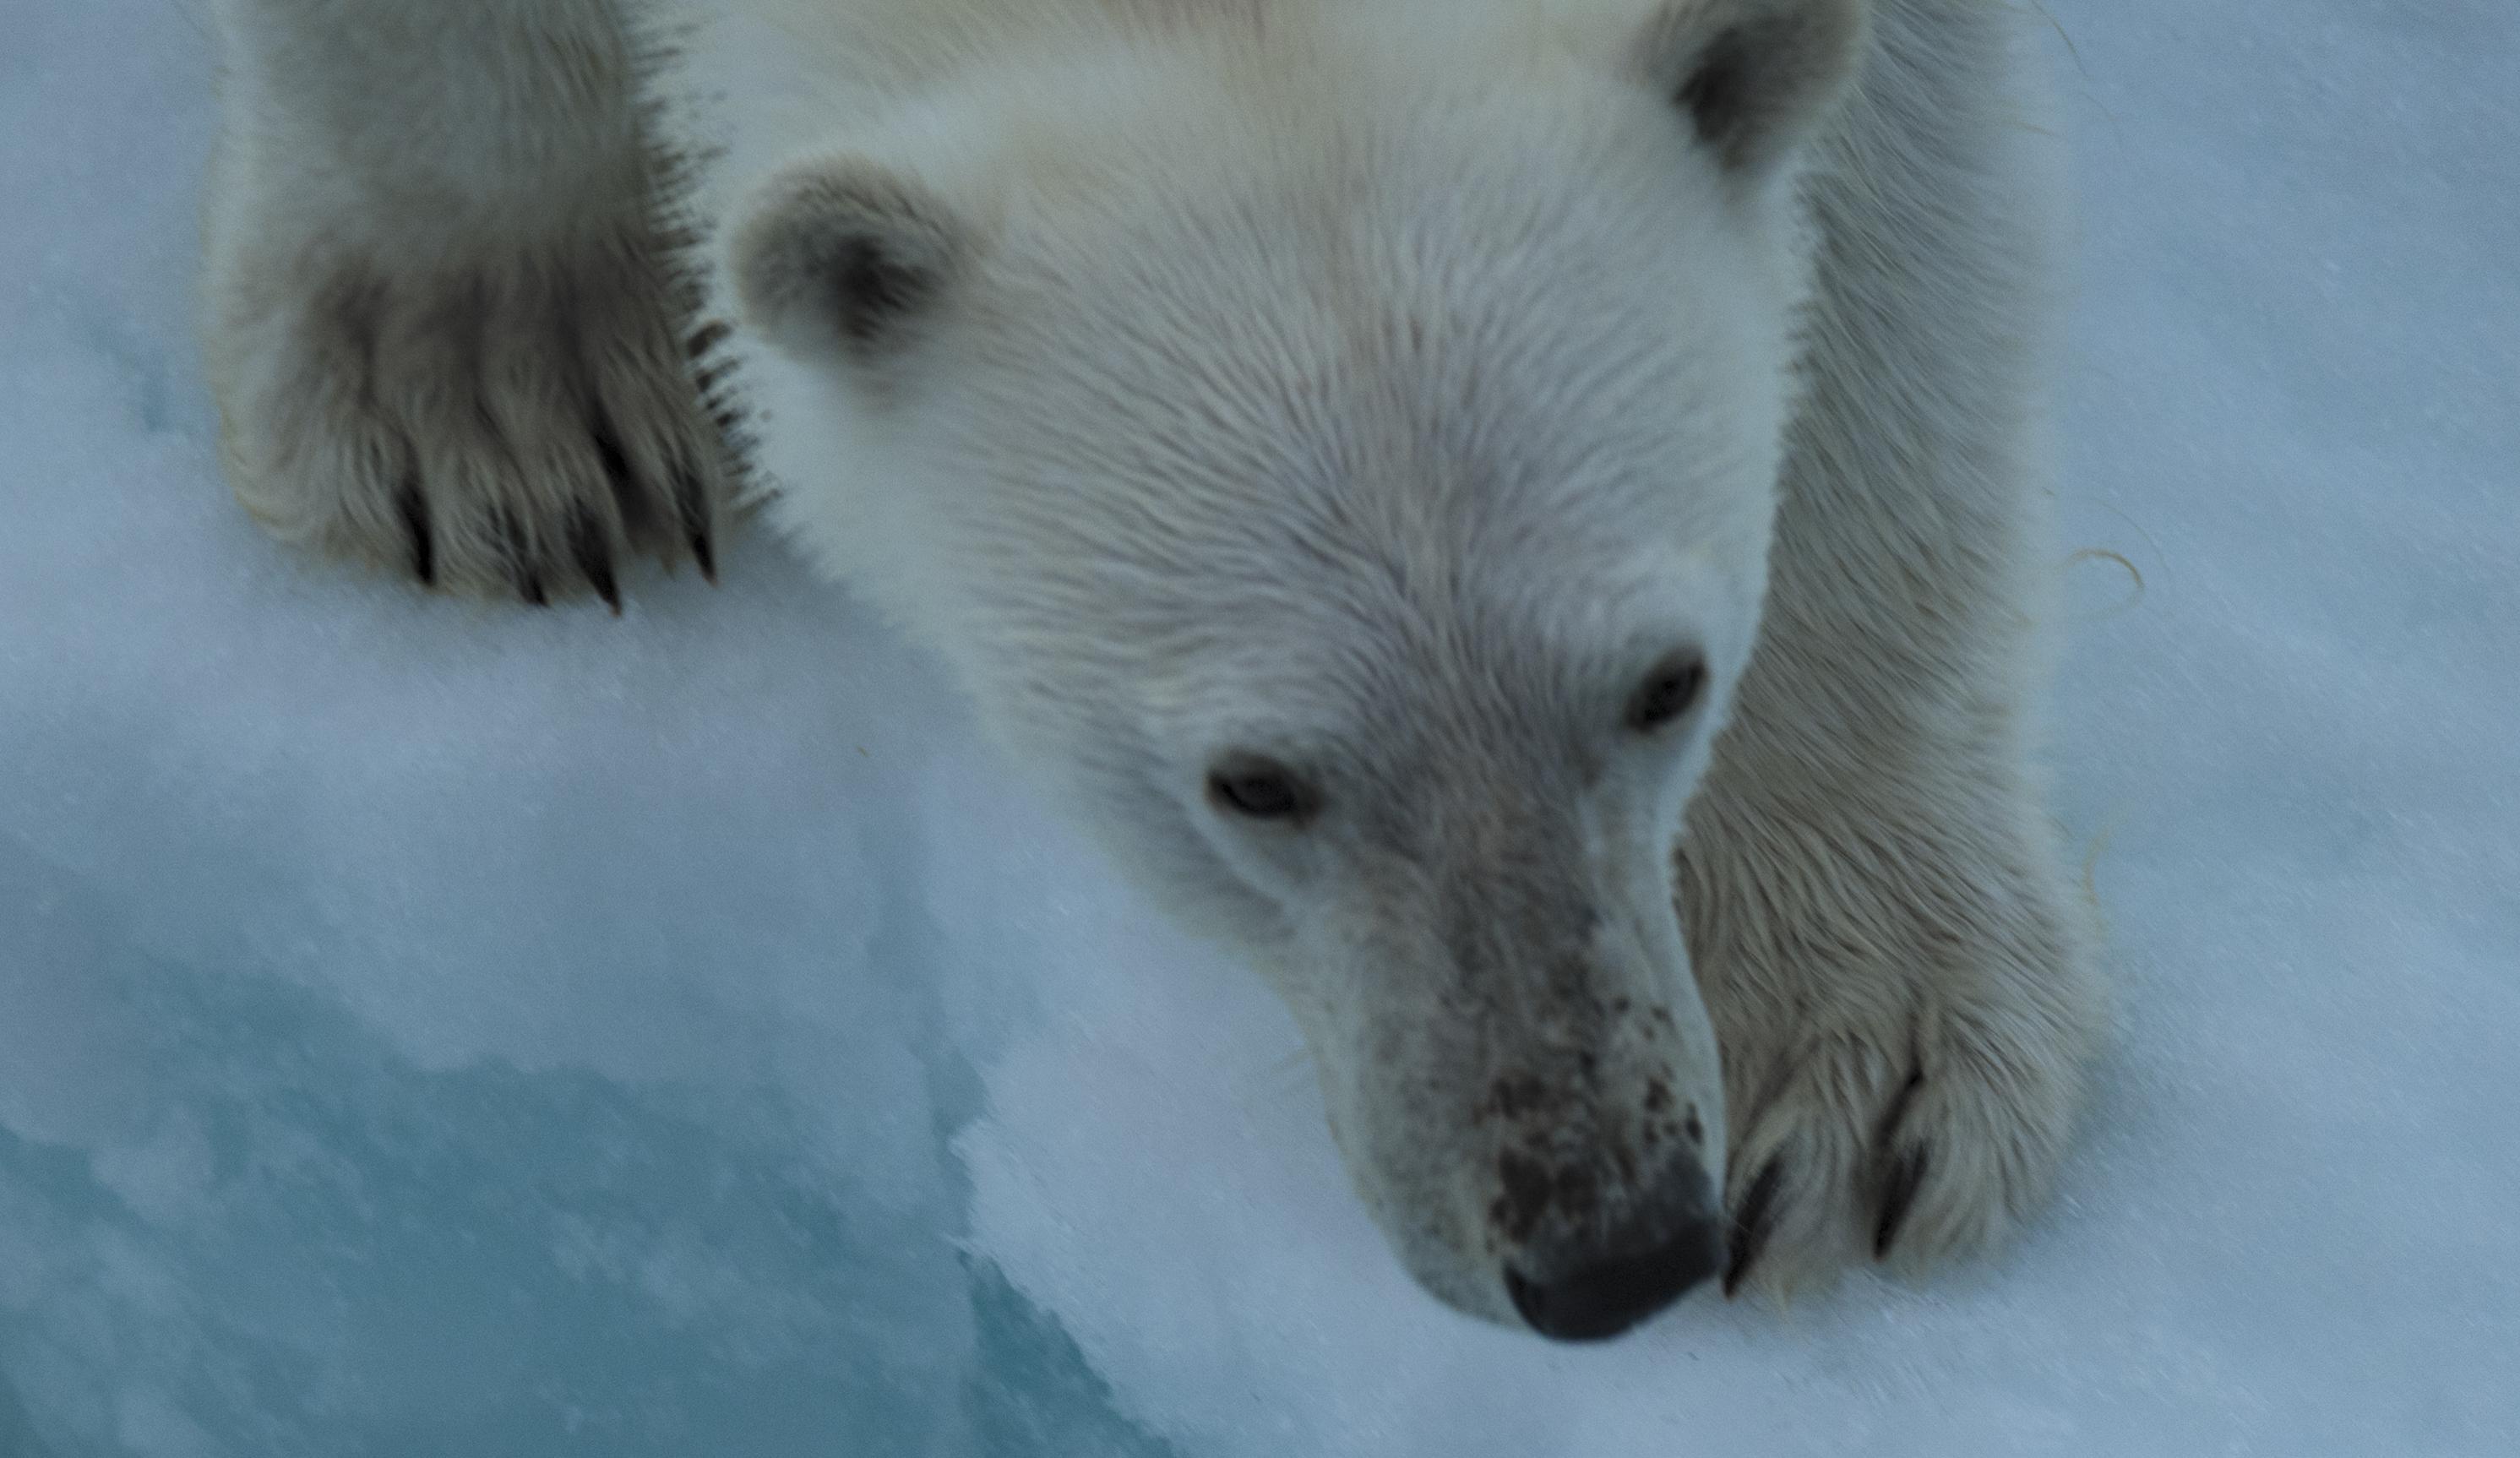 日本图片的鹦鹉,北极熊不怕怕到底人牡丹冰原北极闪王者图片